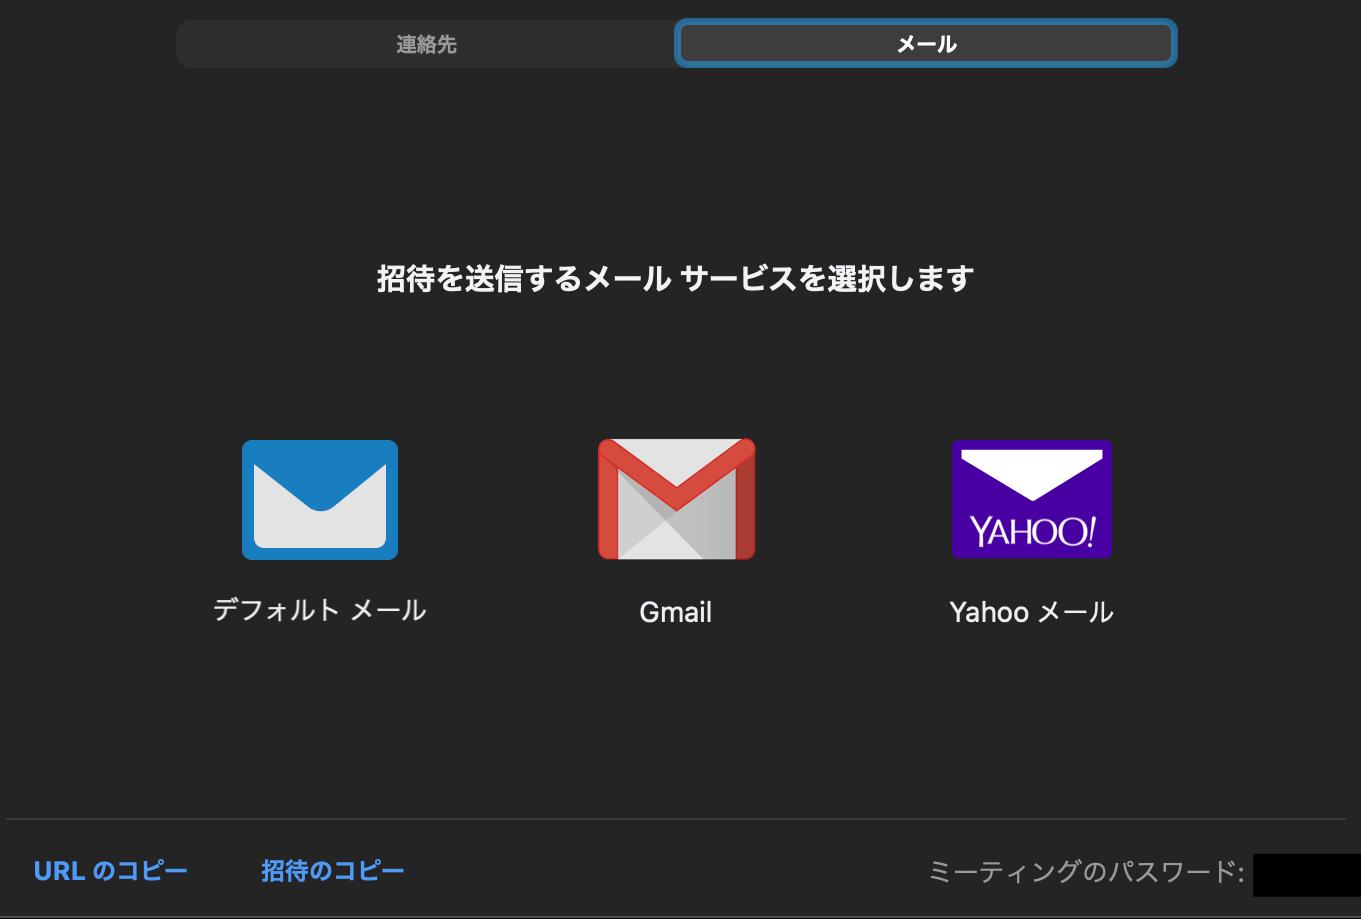 スクリーンショット 2020-04-04 20.58.58.png